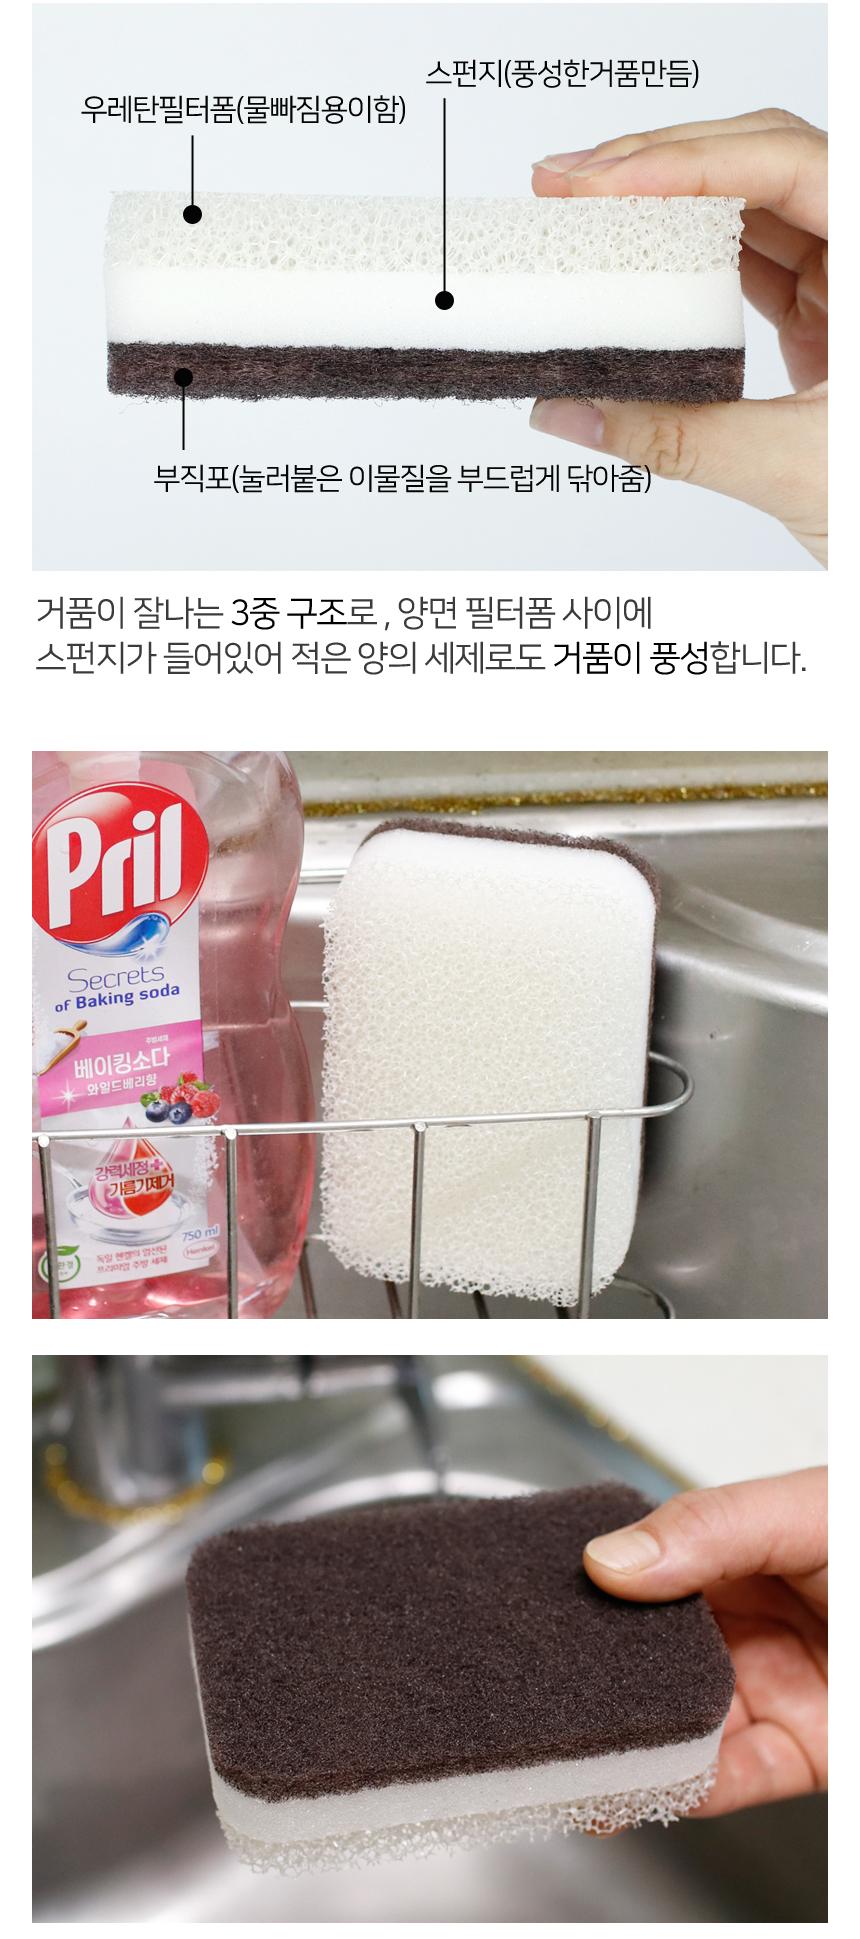 지스페로 양면 우레탄 스폰지 수세미세트 2종 - 김씨하우스, 7,900원, 설거지 용품, 수세미